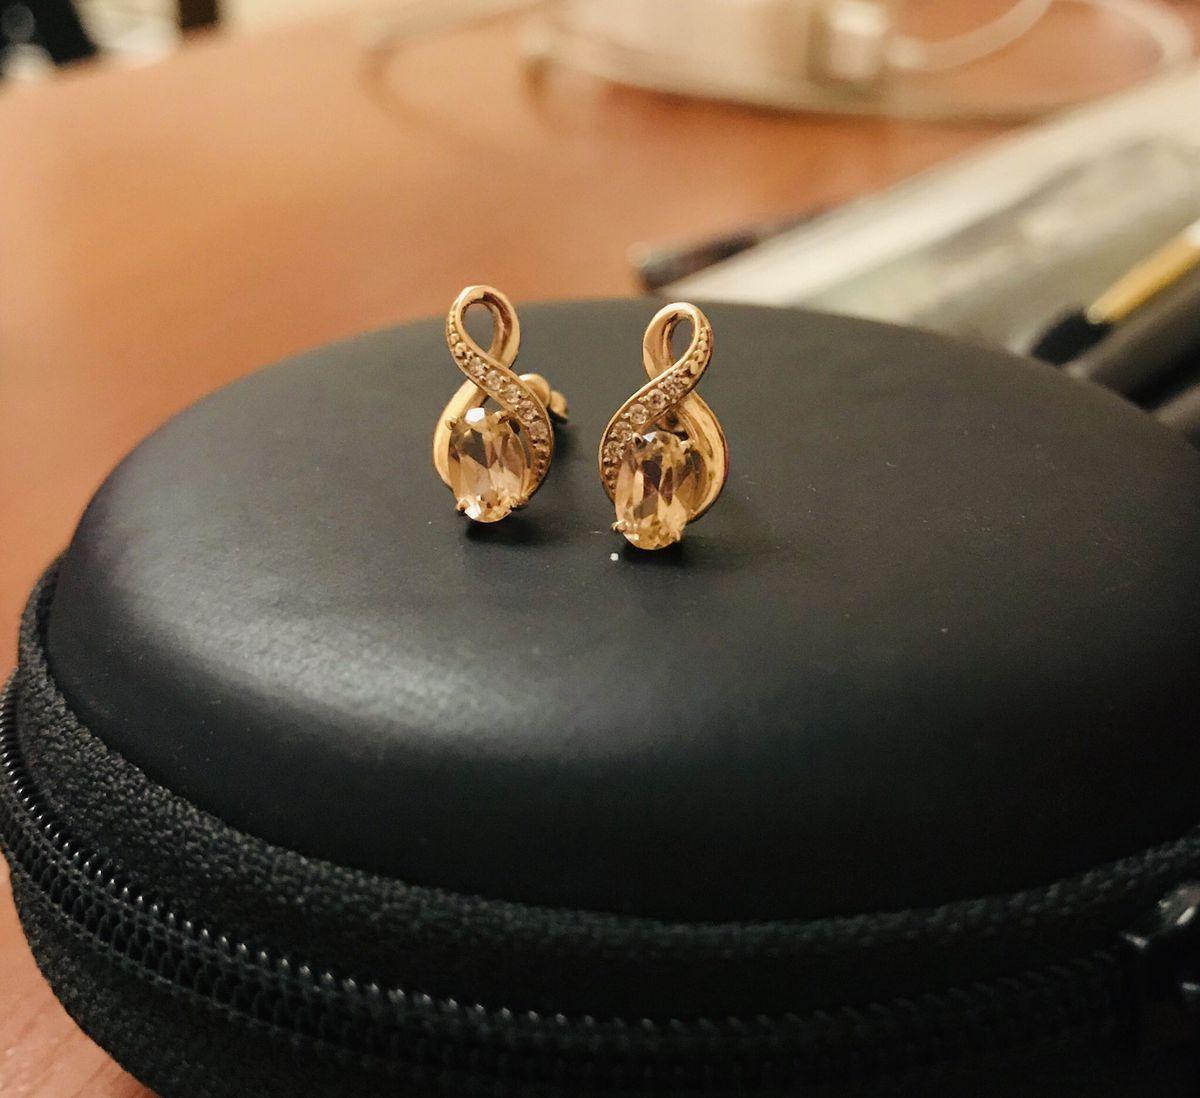 Замечательные миниатюрные серьги!